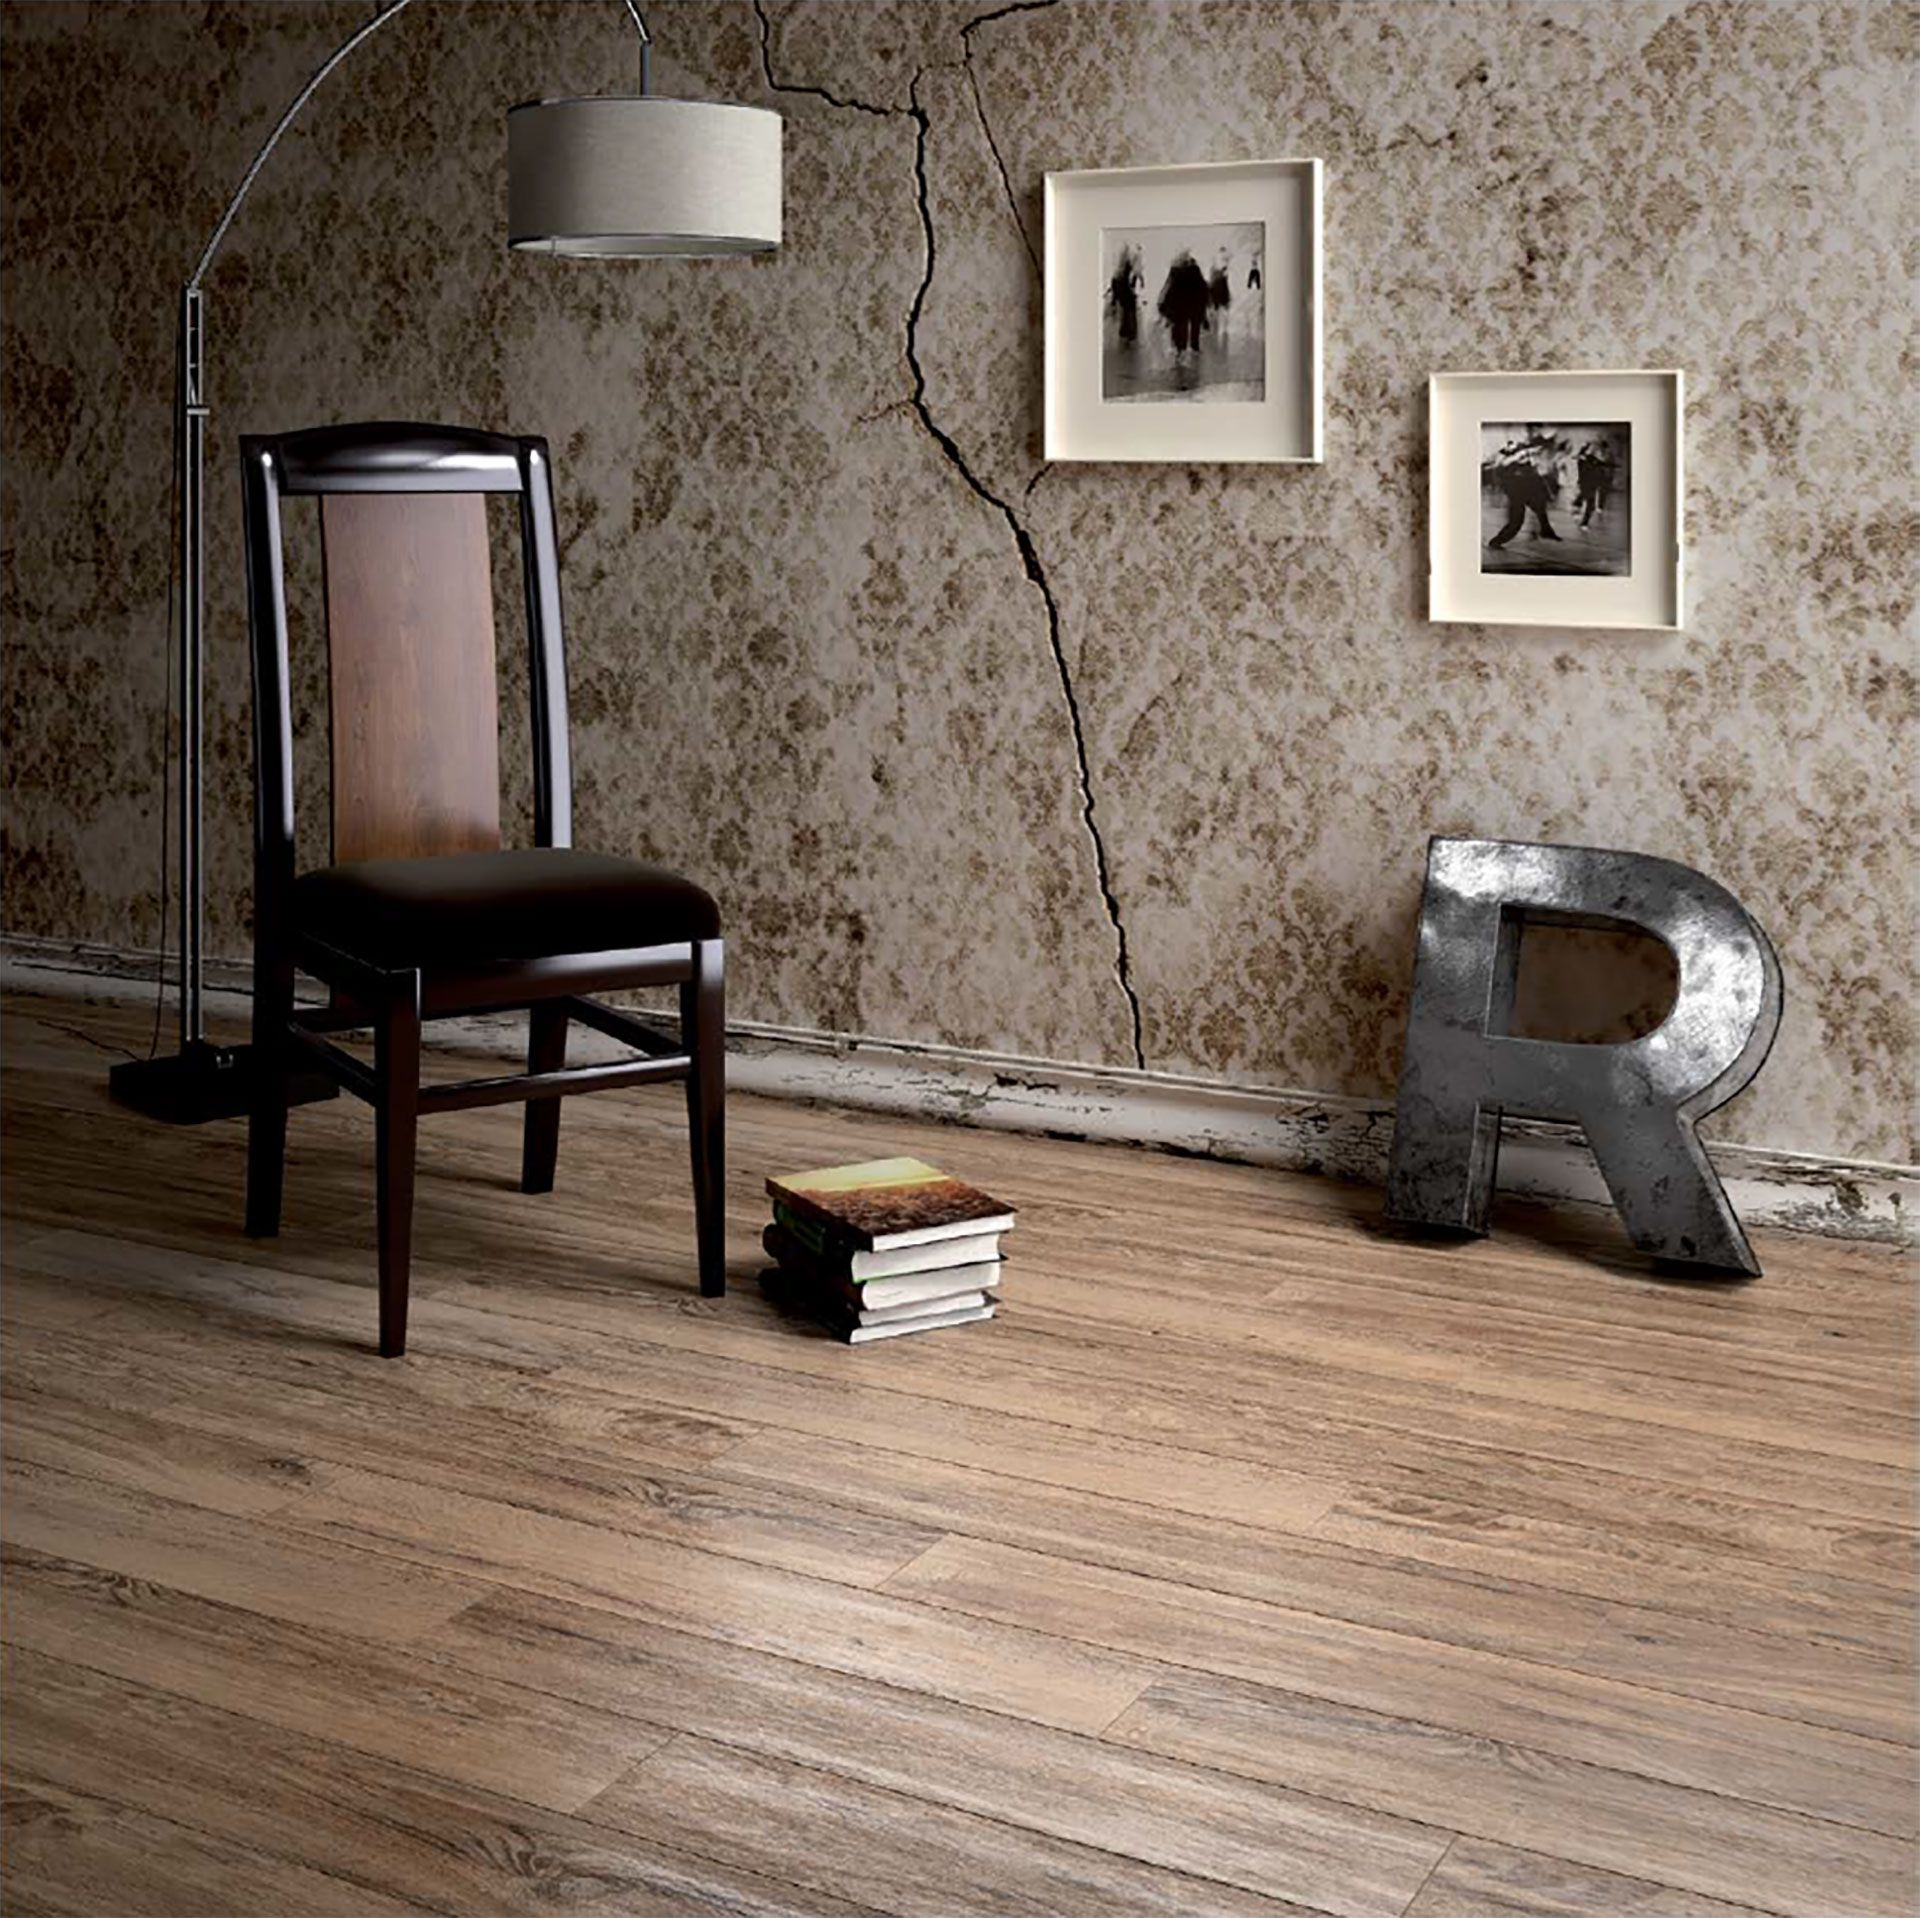 Suelos con efecto madera Porcelaingres: atmósferas cálidas y acogedoras para la casa